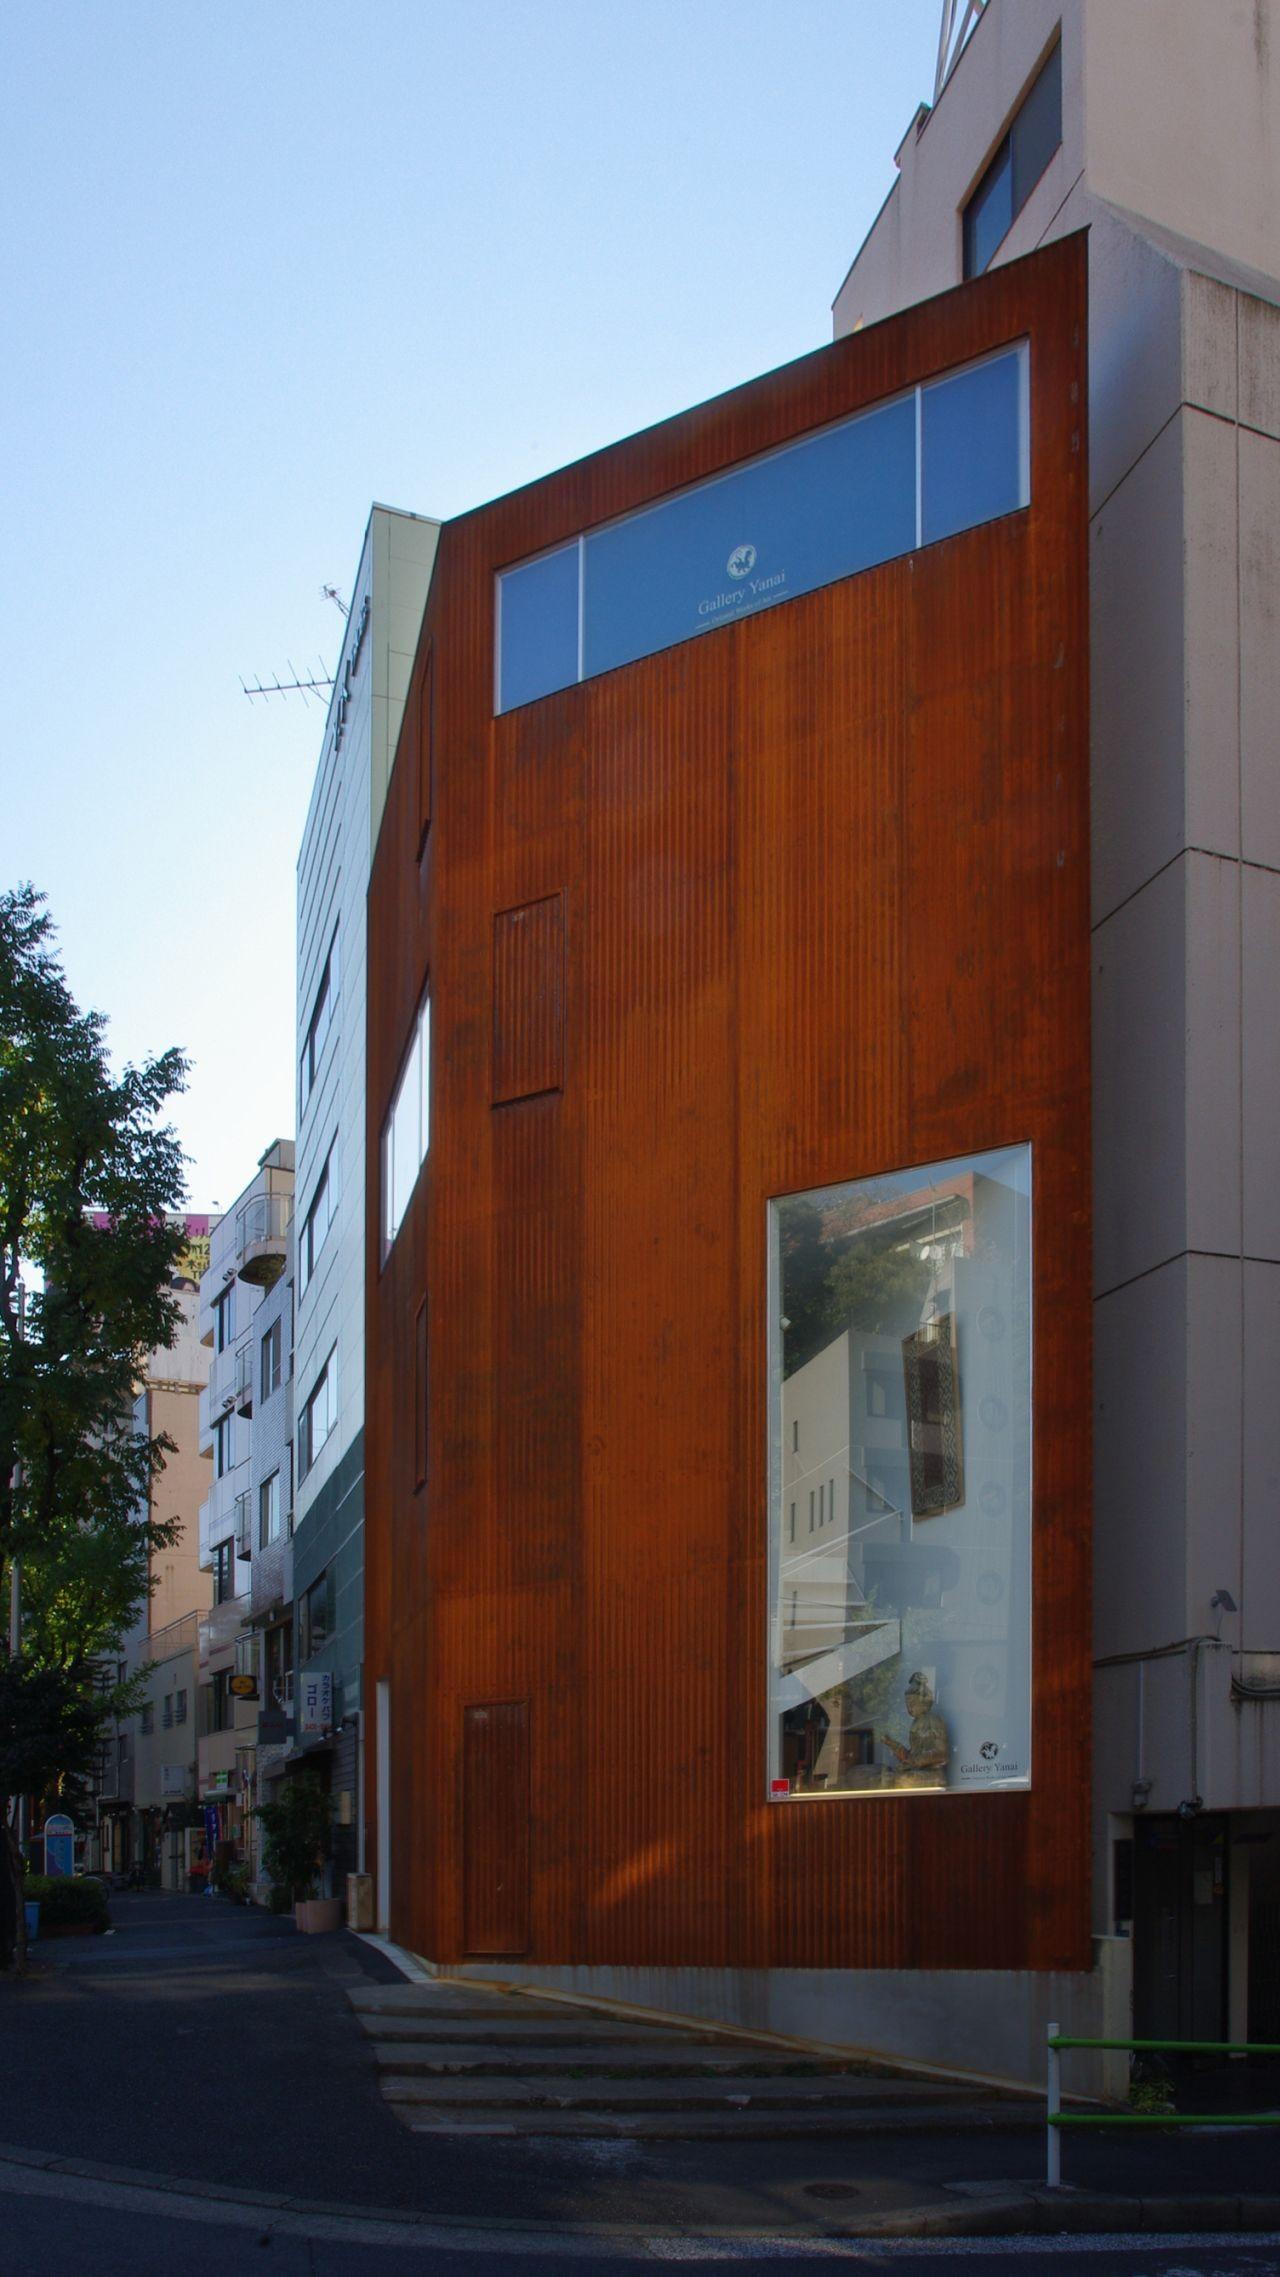 Iron Gallery / Kensuke Watanabe Architecture Studio, Courtesy of Kensuke Watanabe Architecture Studio